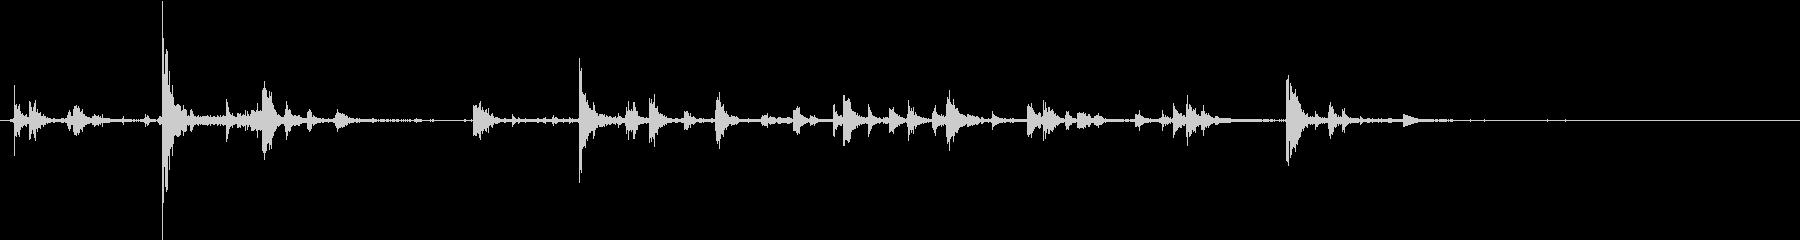 【生録音】ハンガーの音 1 カチャカチャの未再生の波形